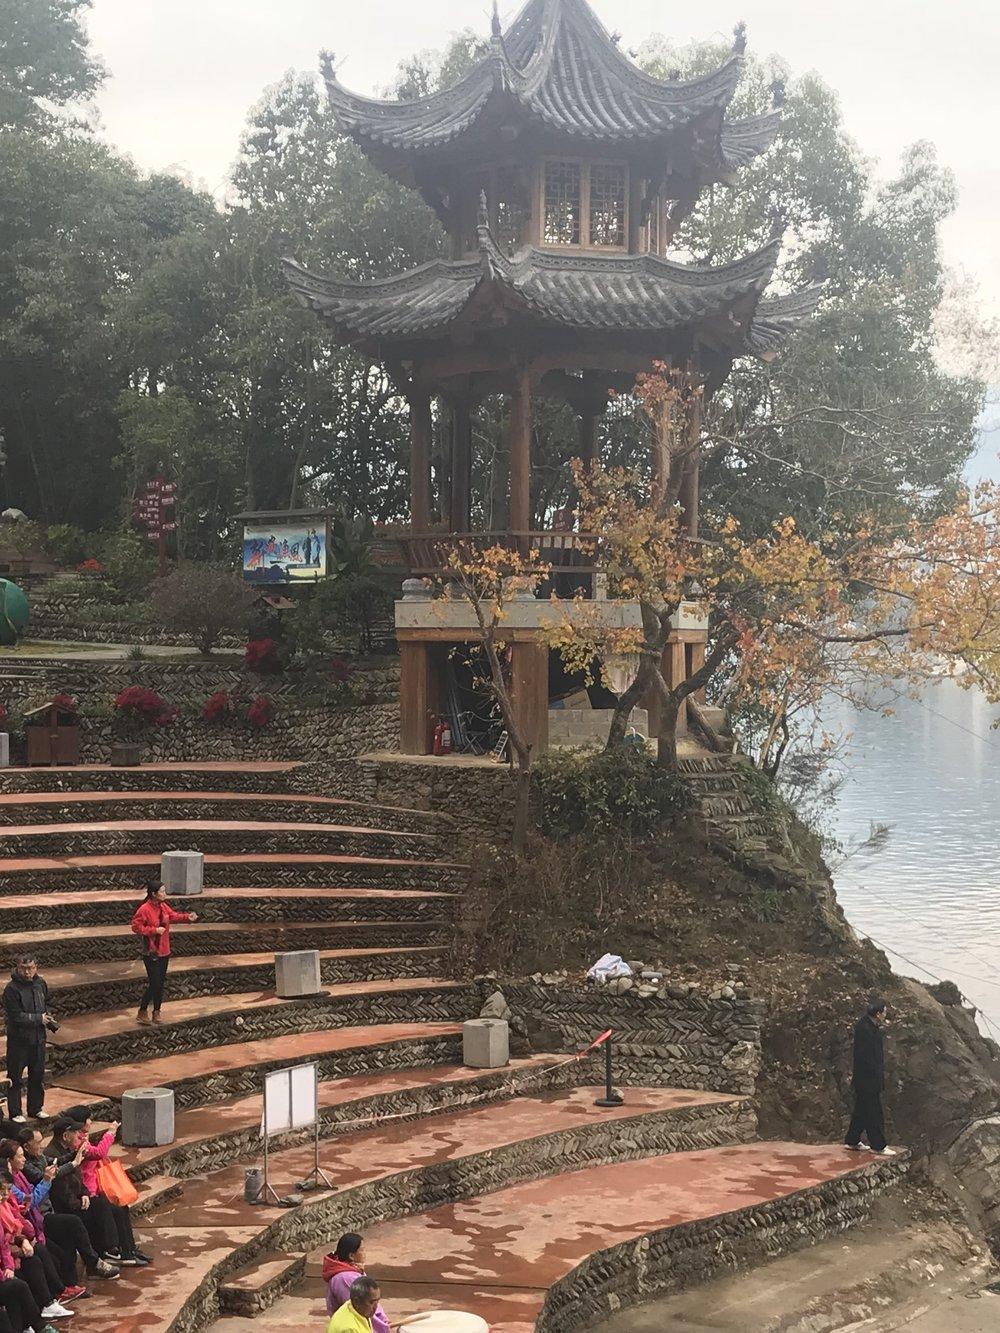 Amphitheater along Shen Du River near Huang Shan Mountain